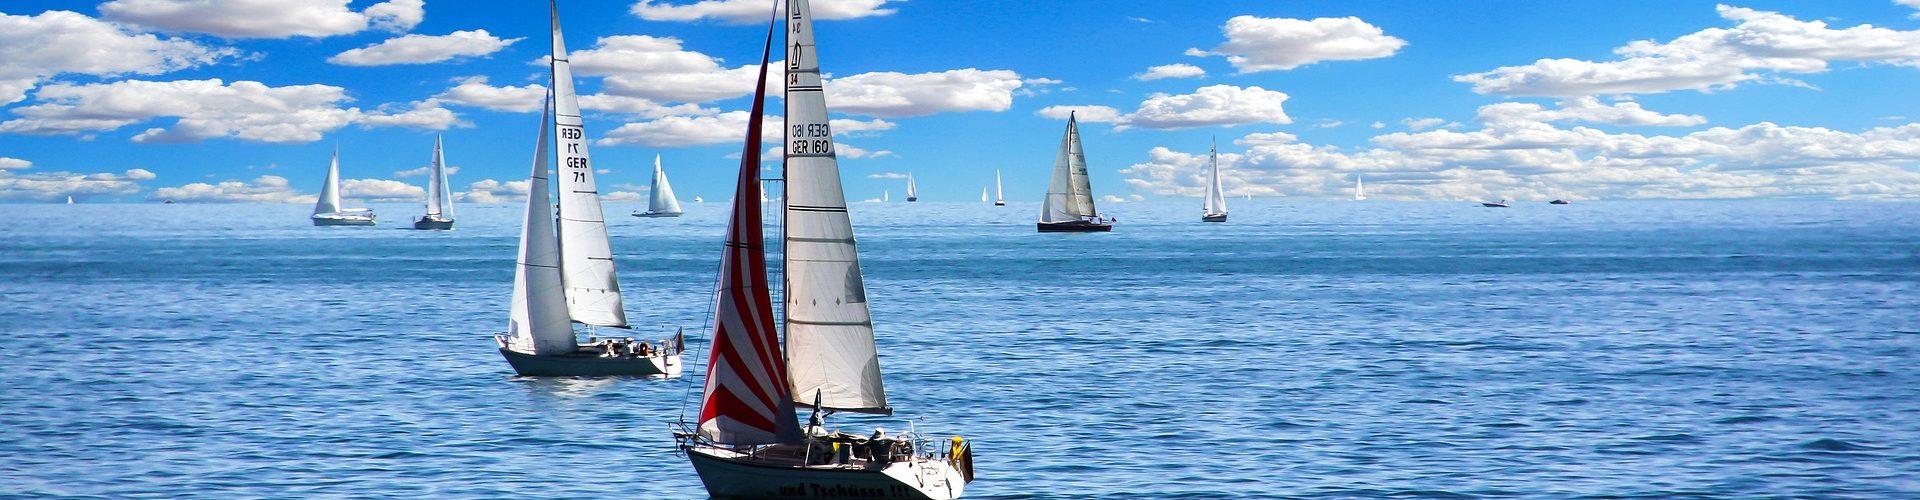 segeln lernen in Manching segelschein machen in Manching 1920x500 - Segeln lernen in Manching